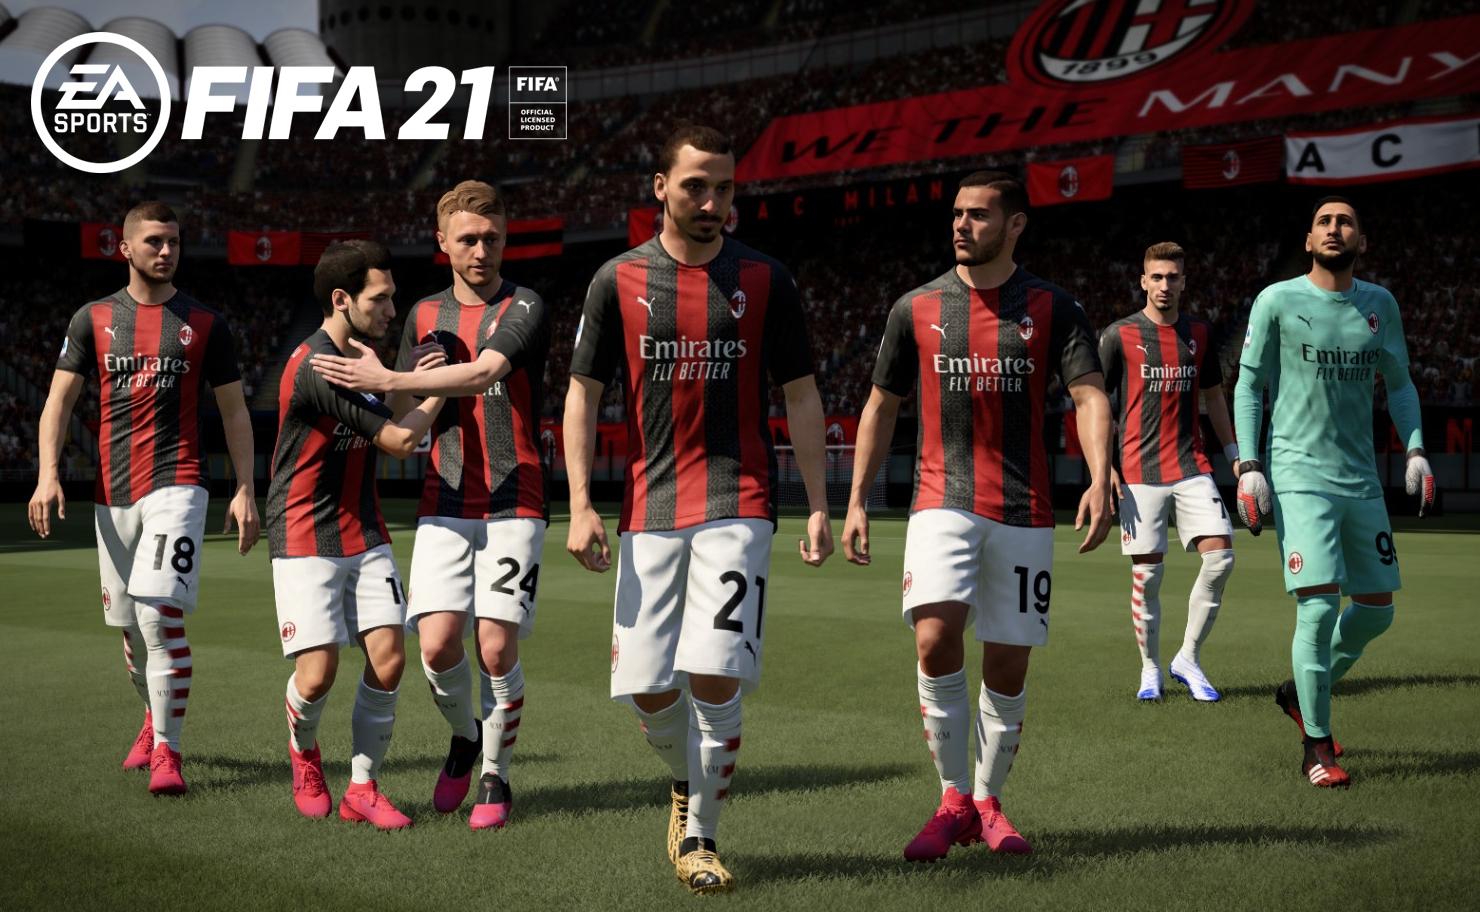 FIFA 21 ac milan